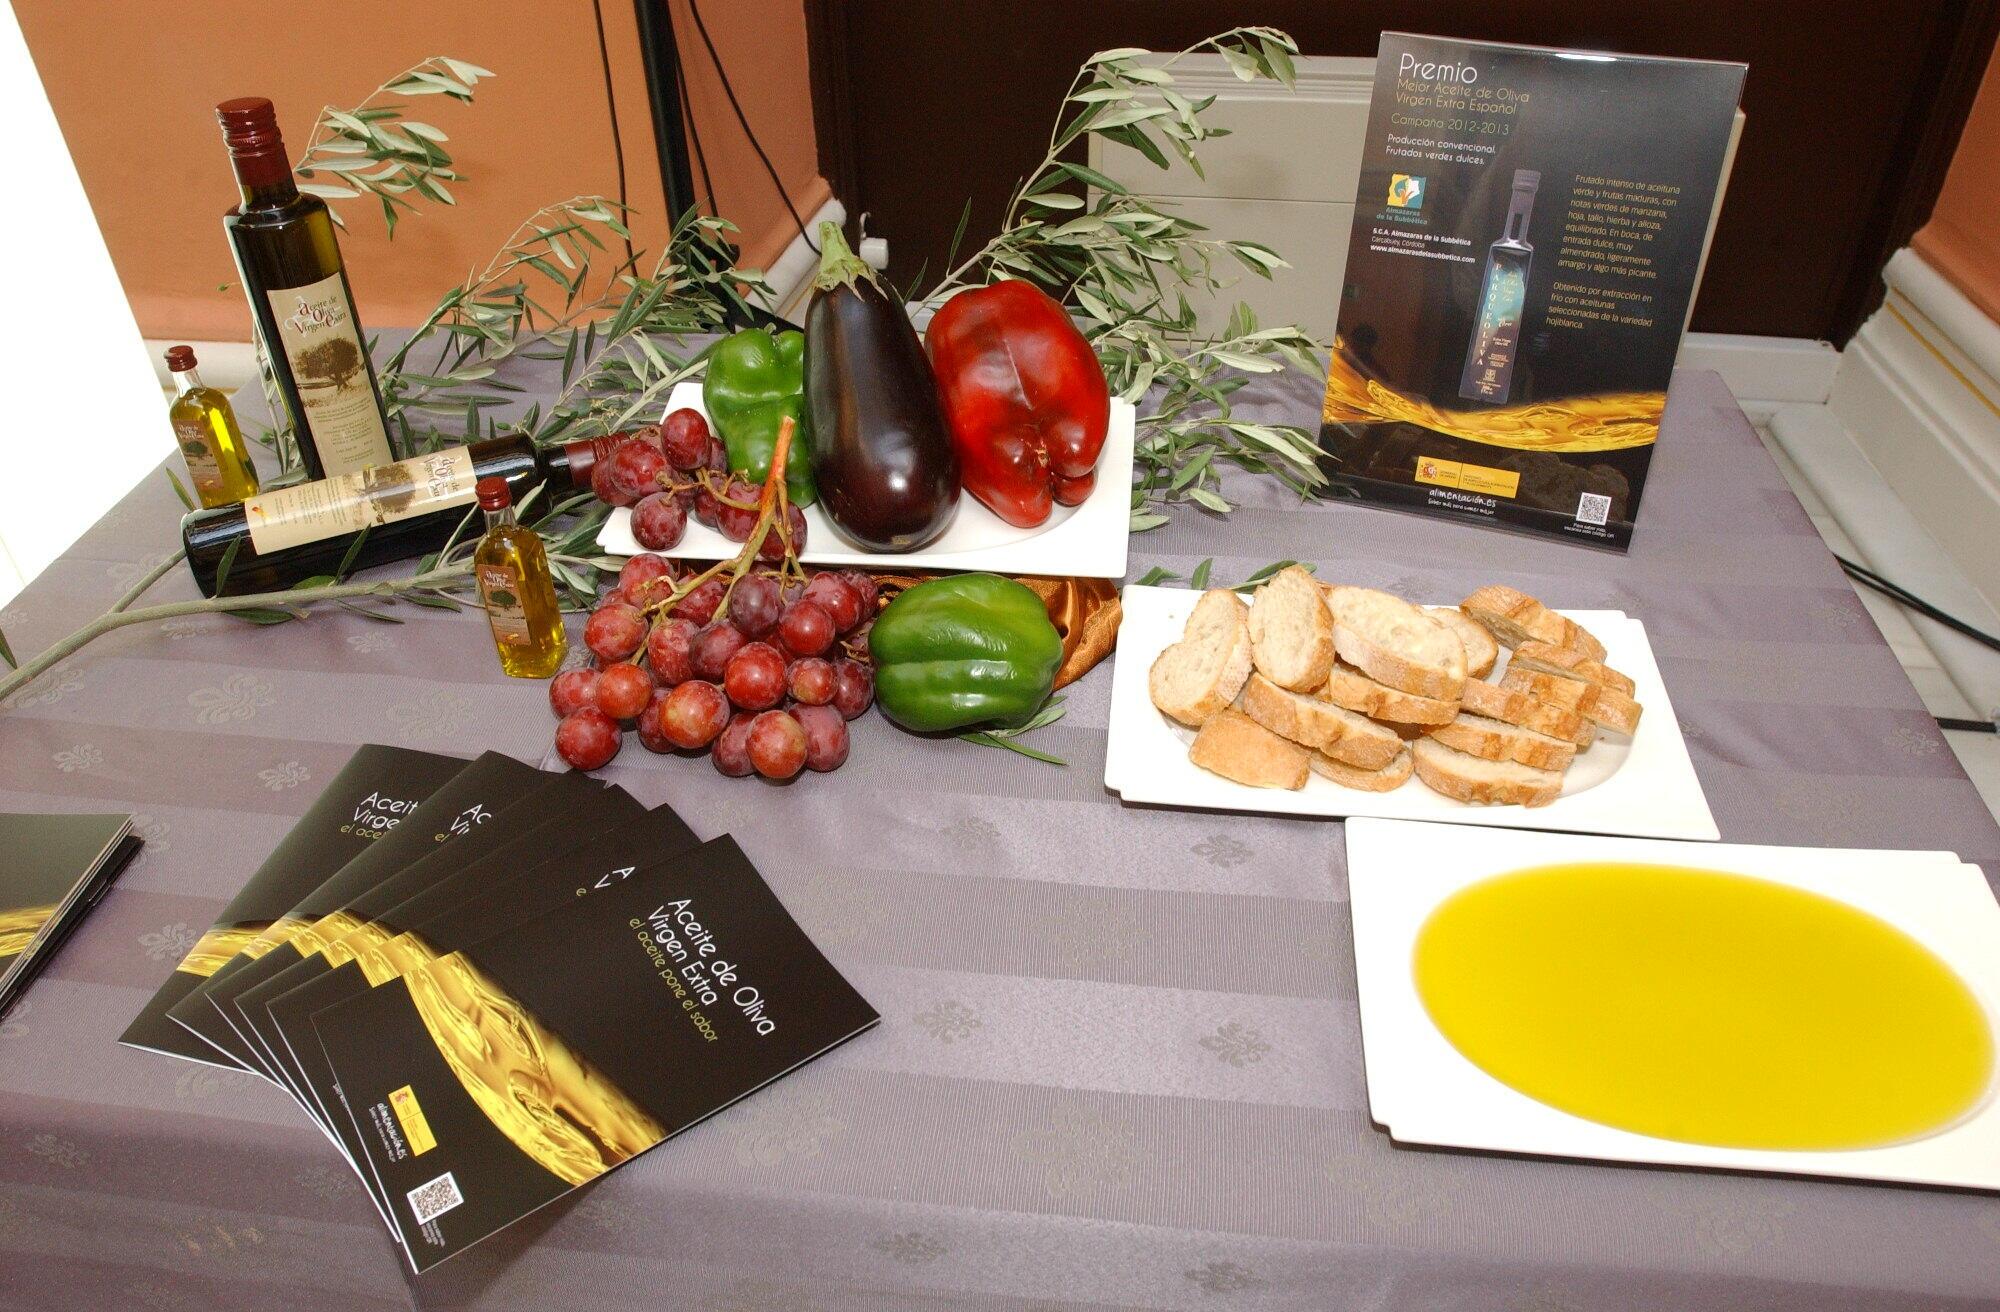 El Ministerio De Agricultura Alimentación Y Medio Ambiente Convoca El Premio Alimentos De España Mejores Aceites De Oliva Virgen Extra 2016 2017 Greenarea Me